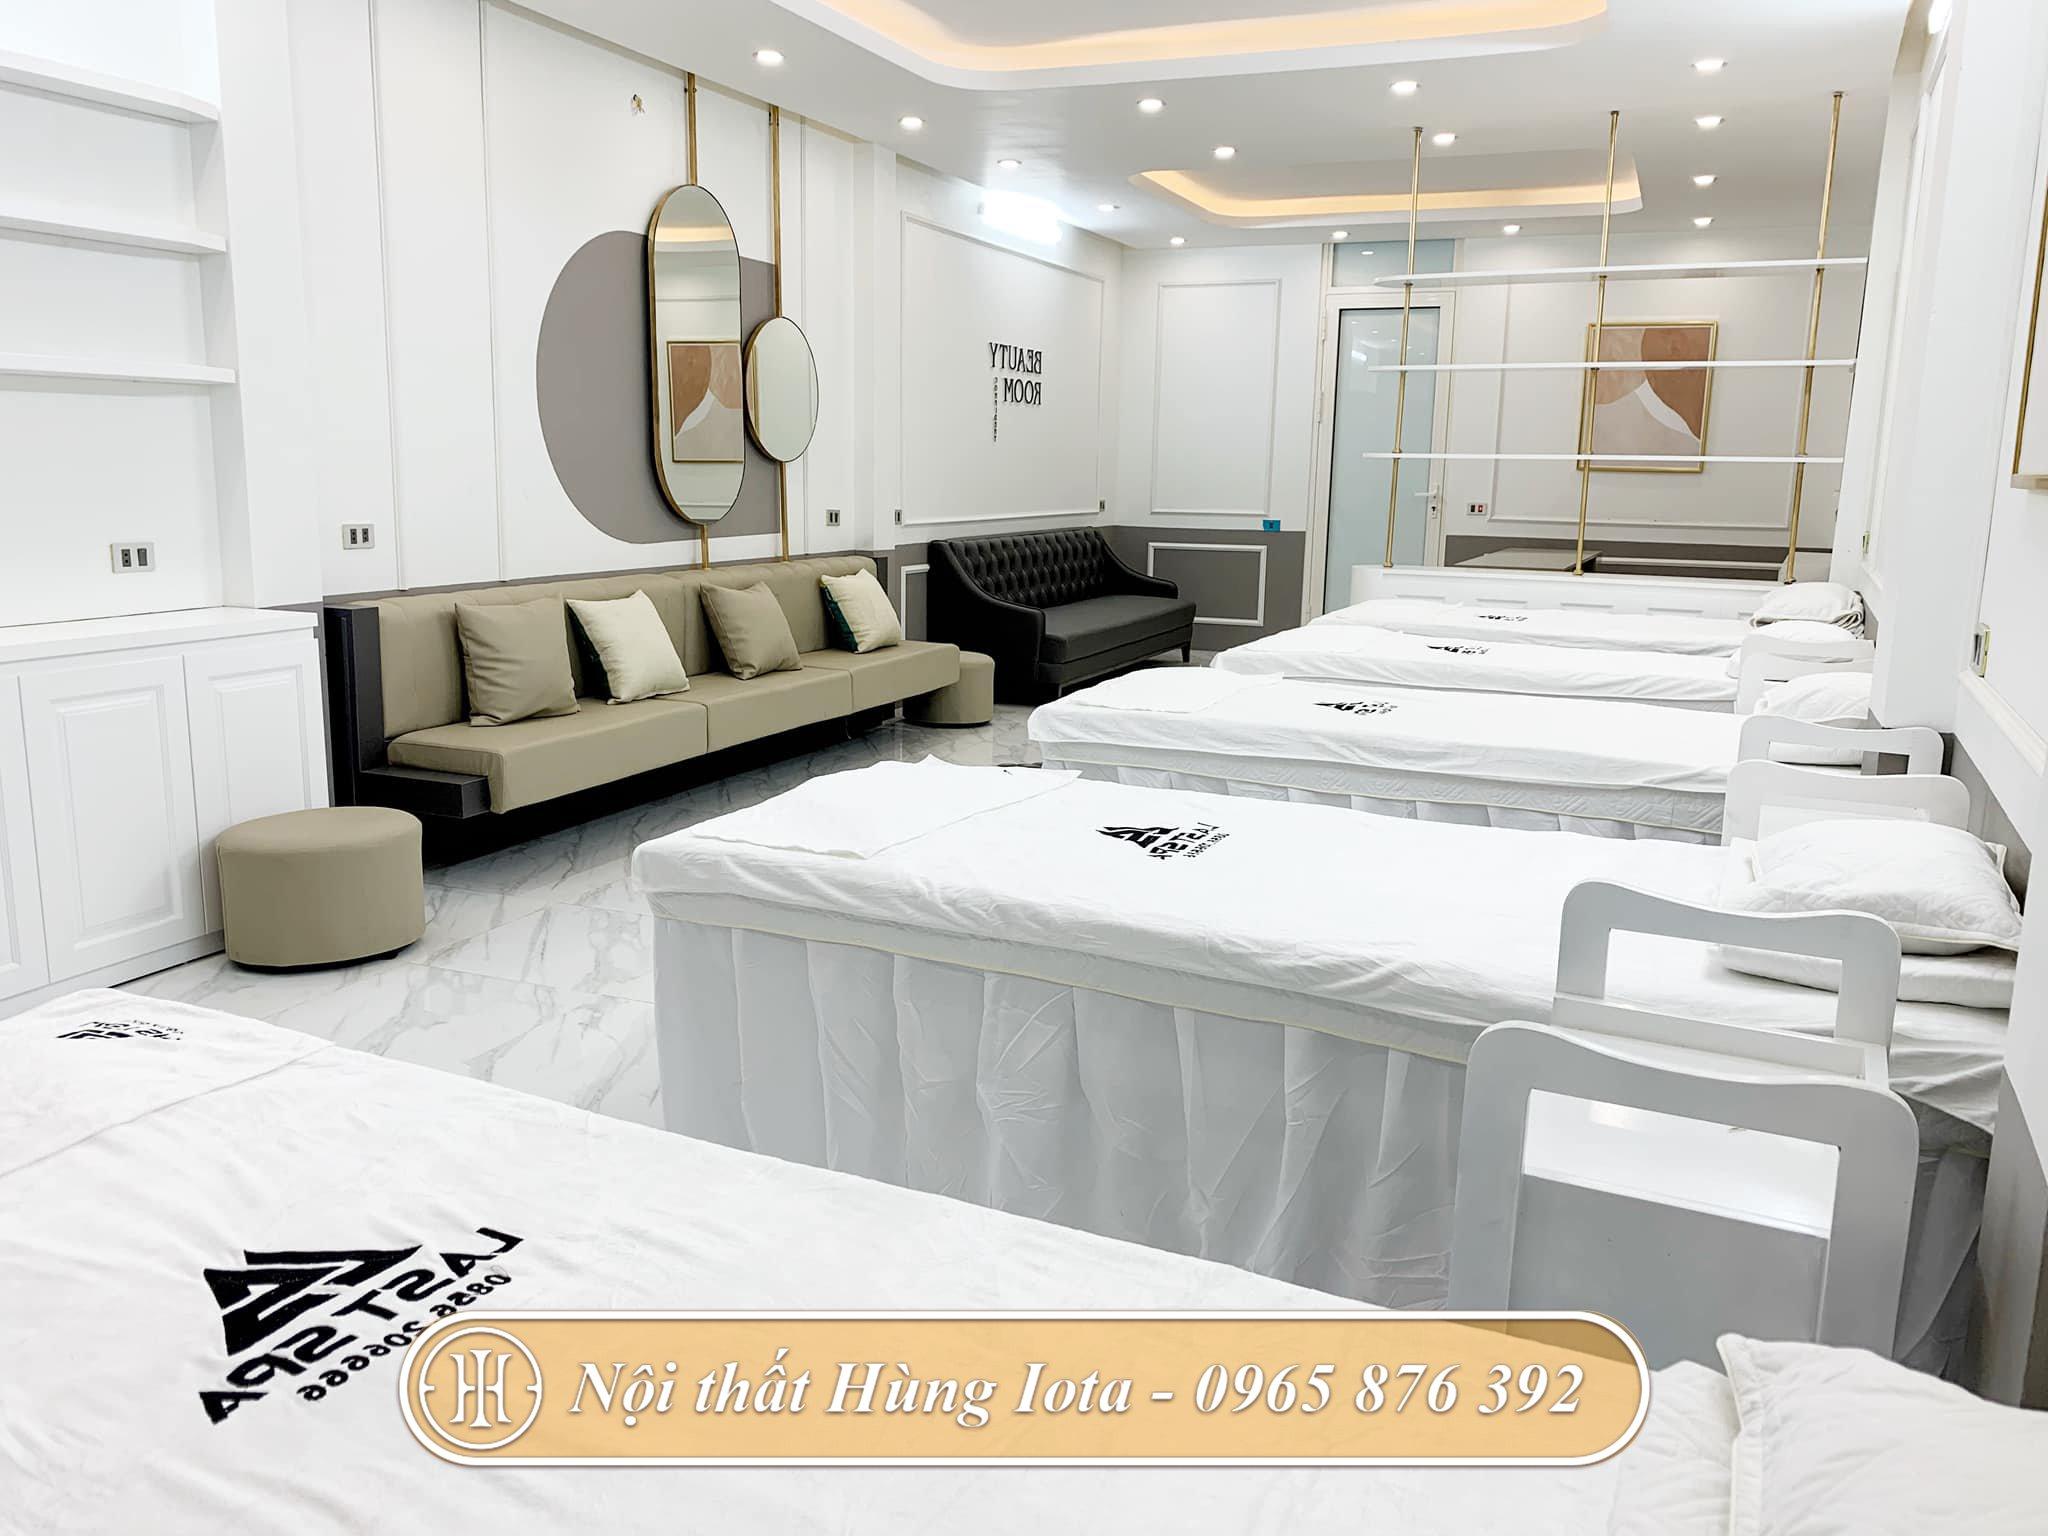 Lắp đặt giường spa ở Đông Anh màu trắng